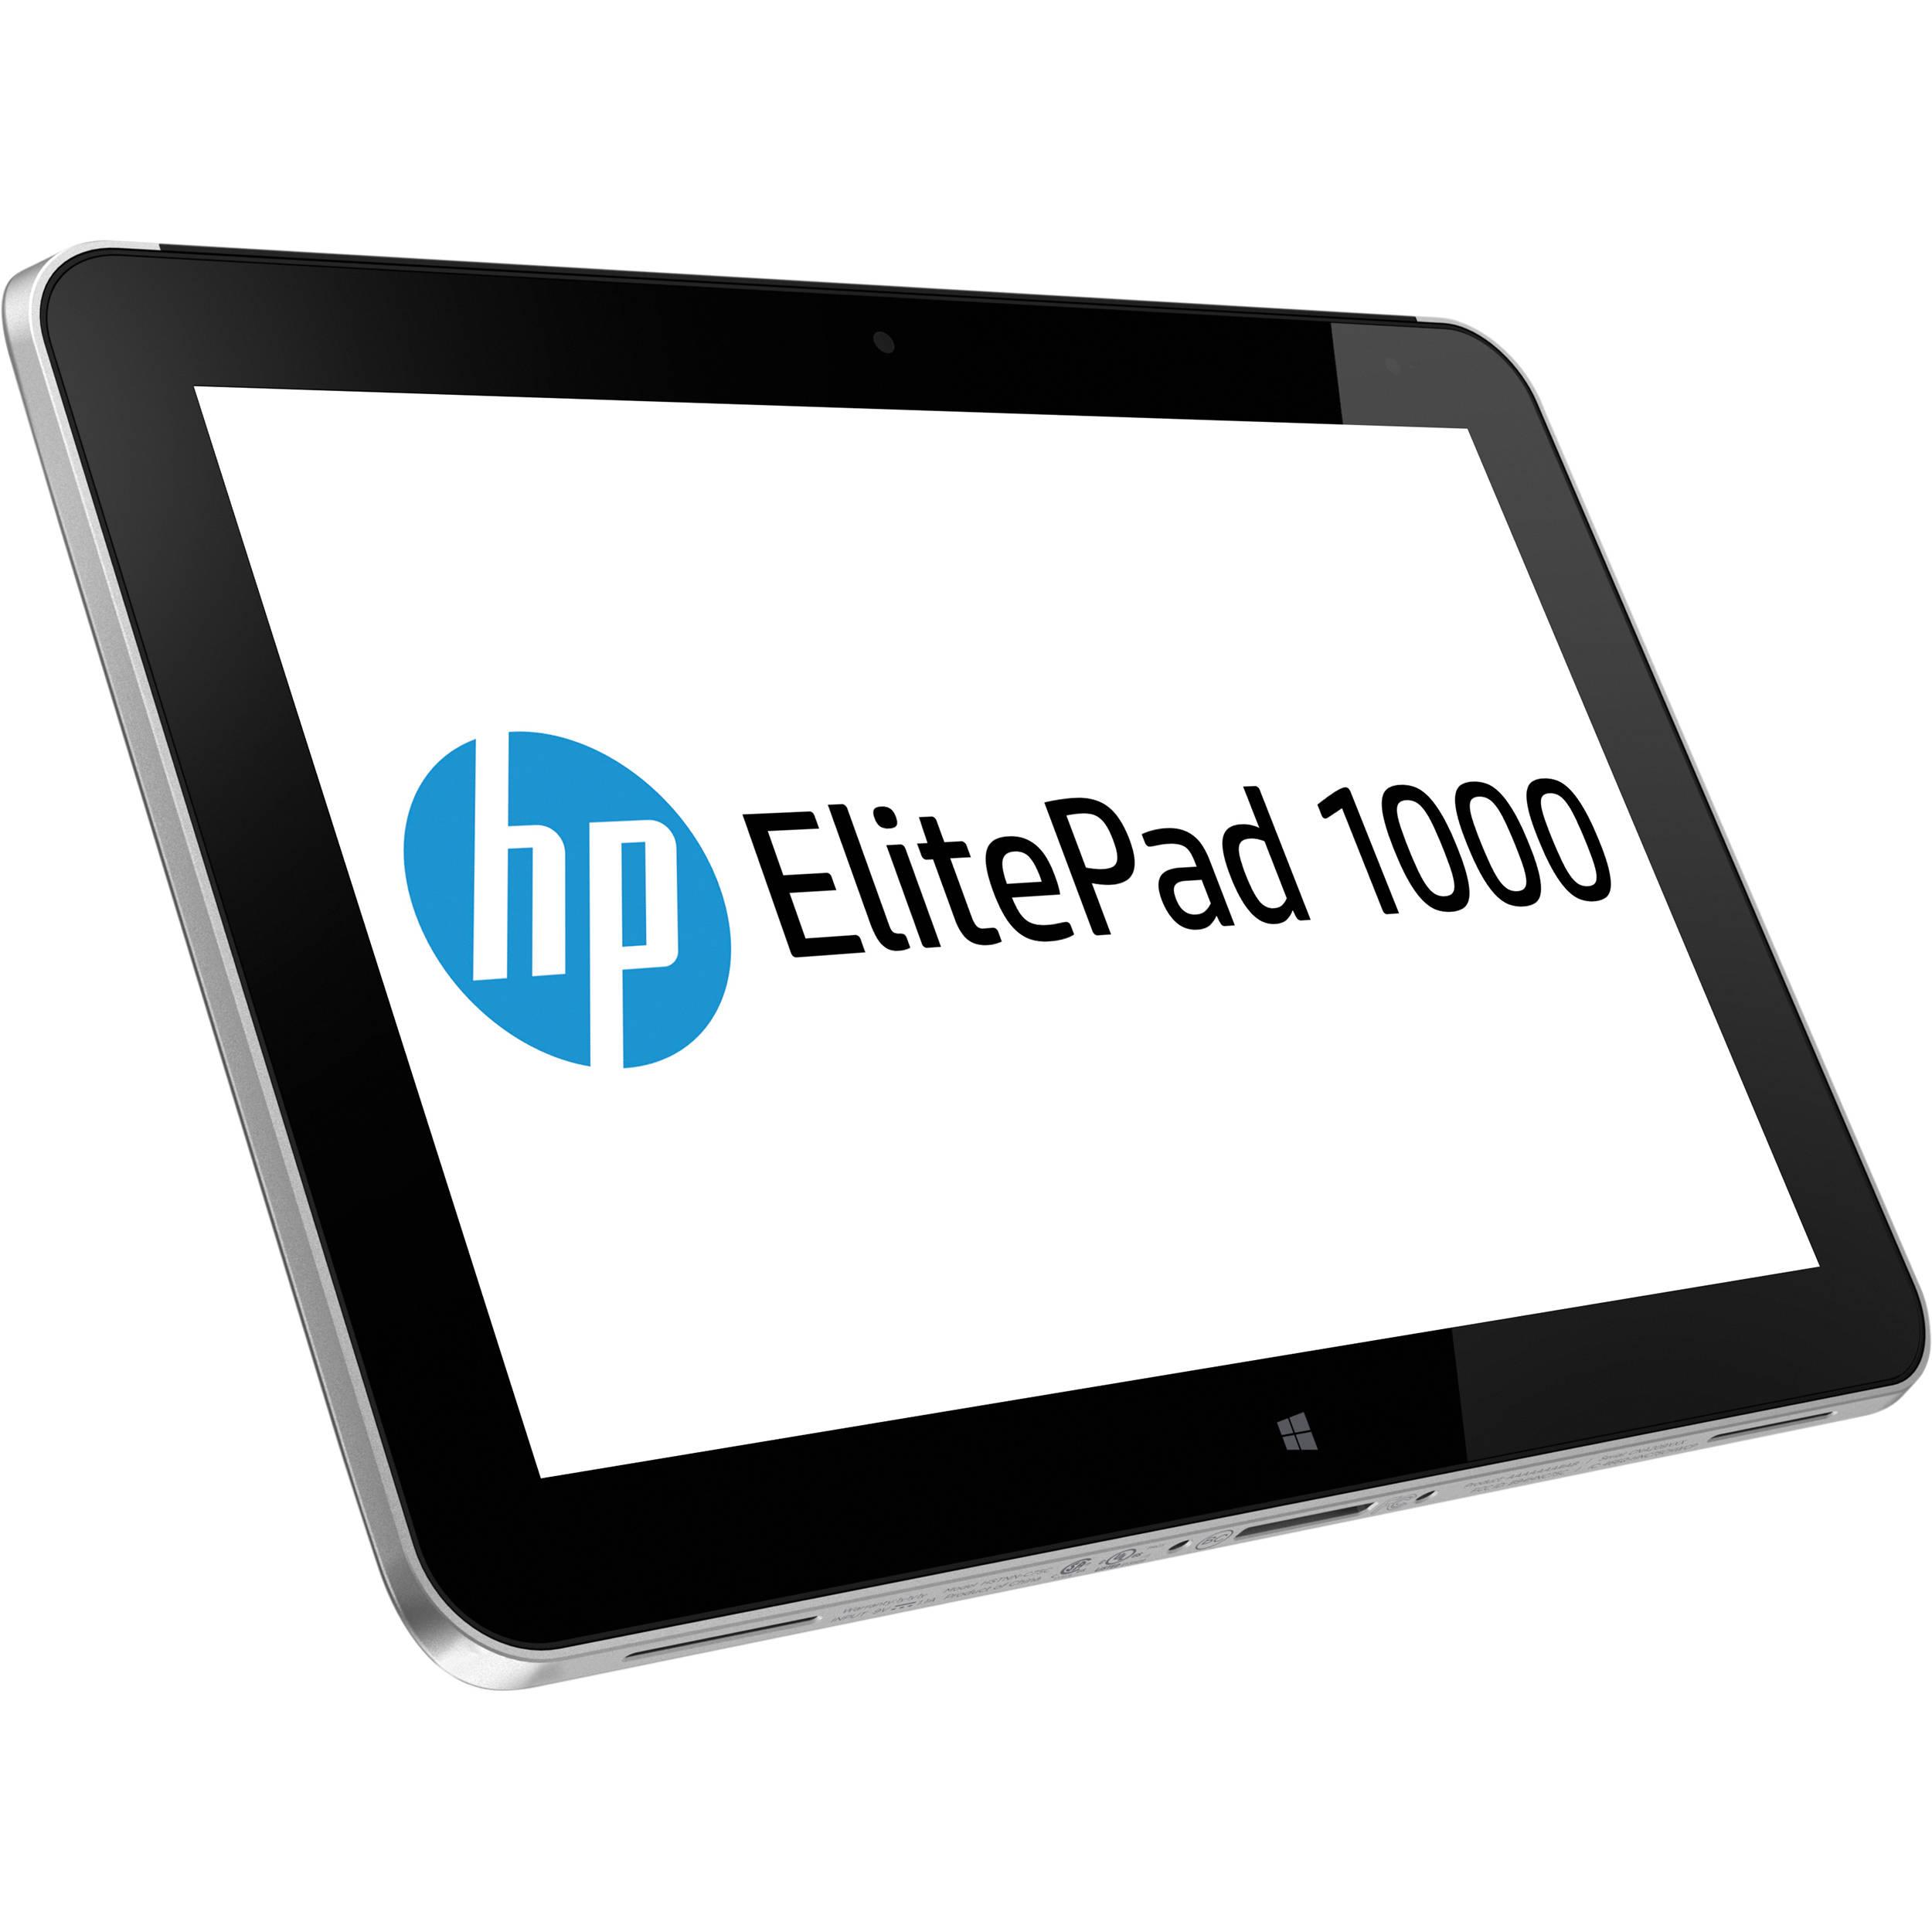 Image result for elitepad 1000 g2